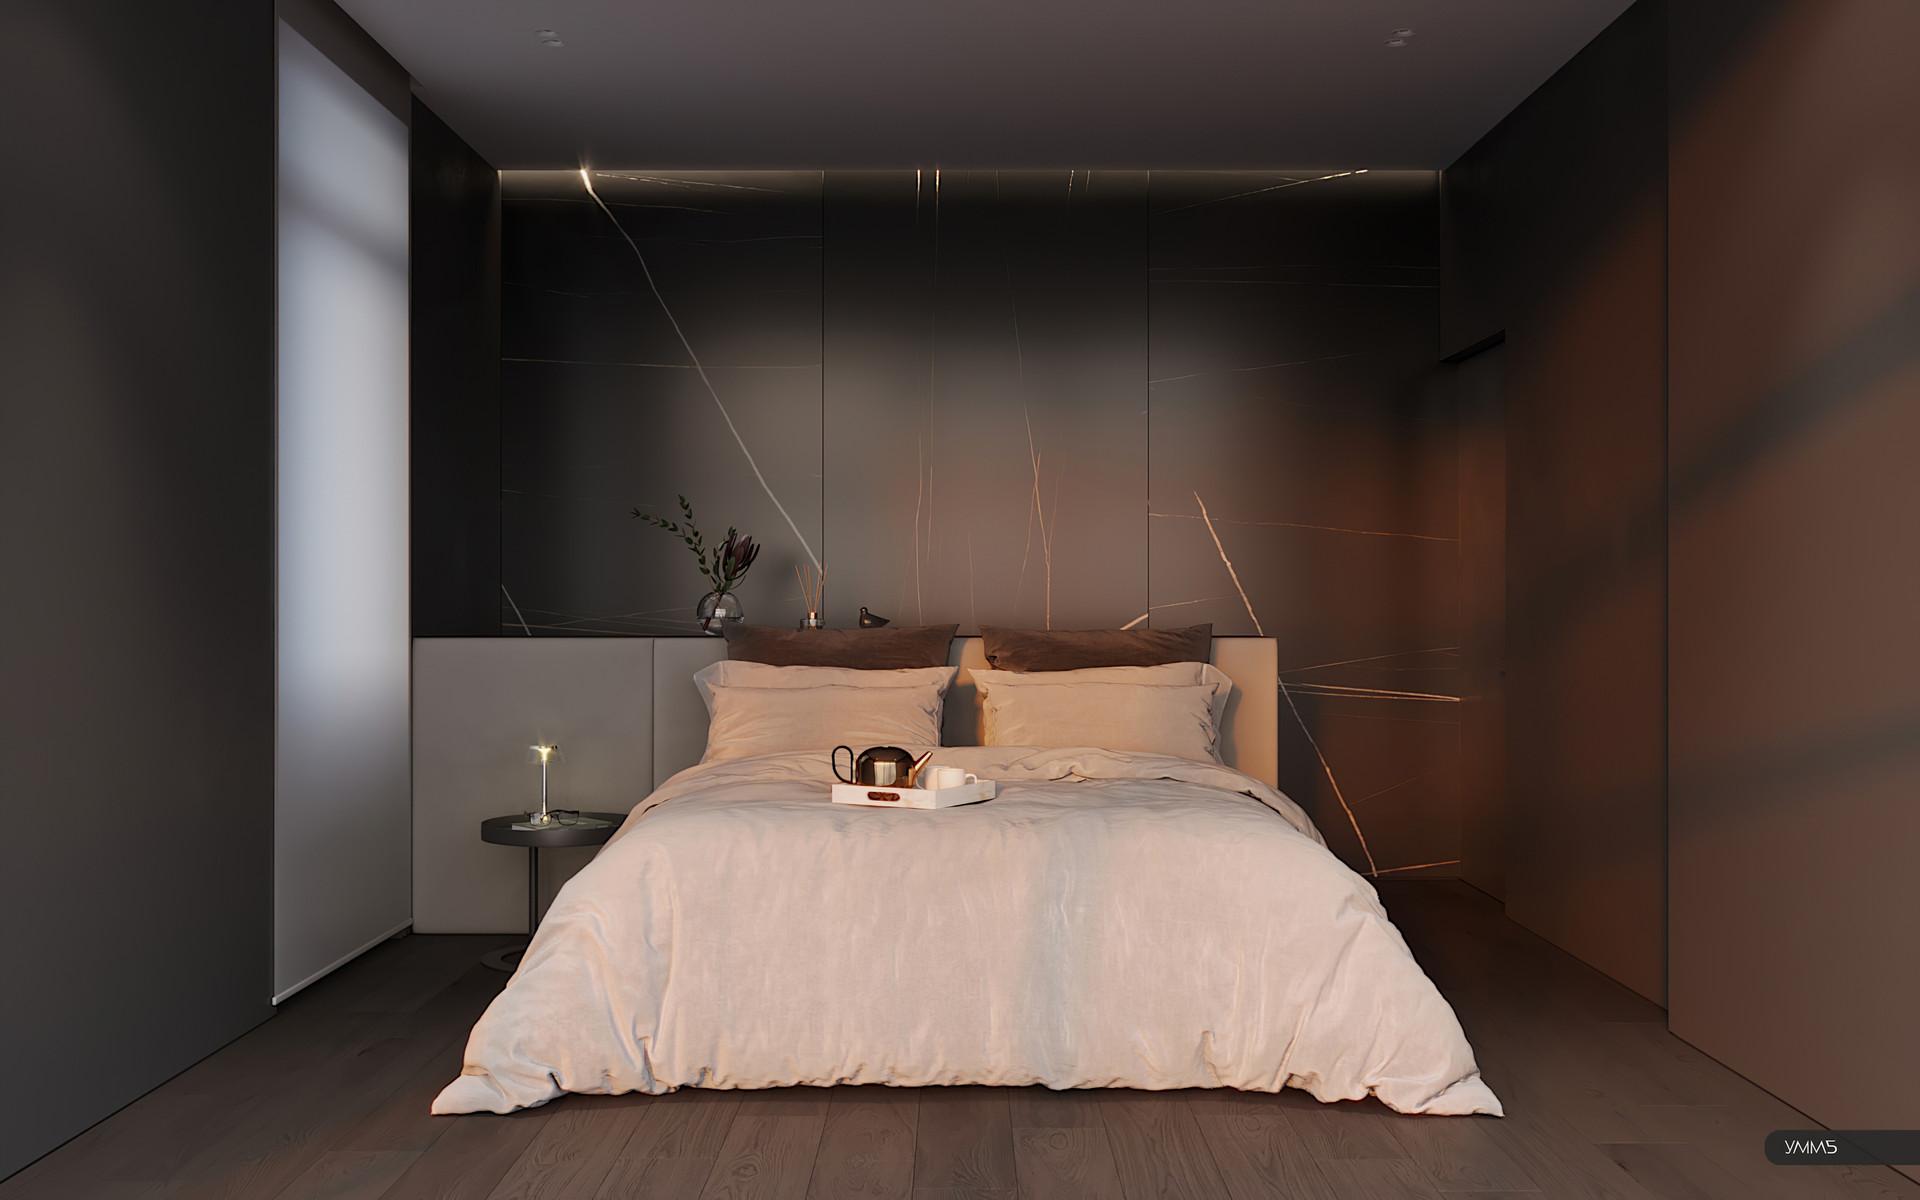 Современный дизайн, современный интерьер, дизайн квартиры, дизайн калининград, дизайнеры калининграда, интерьер калининград, дизайн проект квартиры, дизайн студии, дизайн интерьера калининград, дизайнер интерьера калининград, дизайн проект калининград, дизайн проект, дизайн интерьера, умм5, umm5, спальня, дизайн спальни, интерьер спальни, дизайн интерьера спальни, современный дизайн спальни